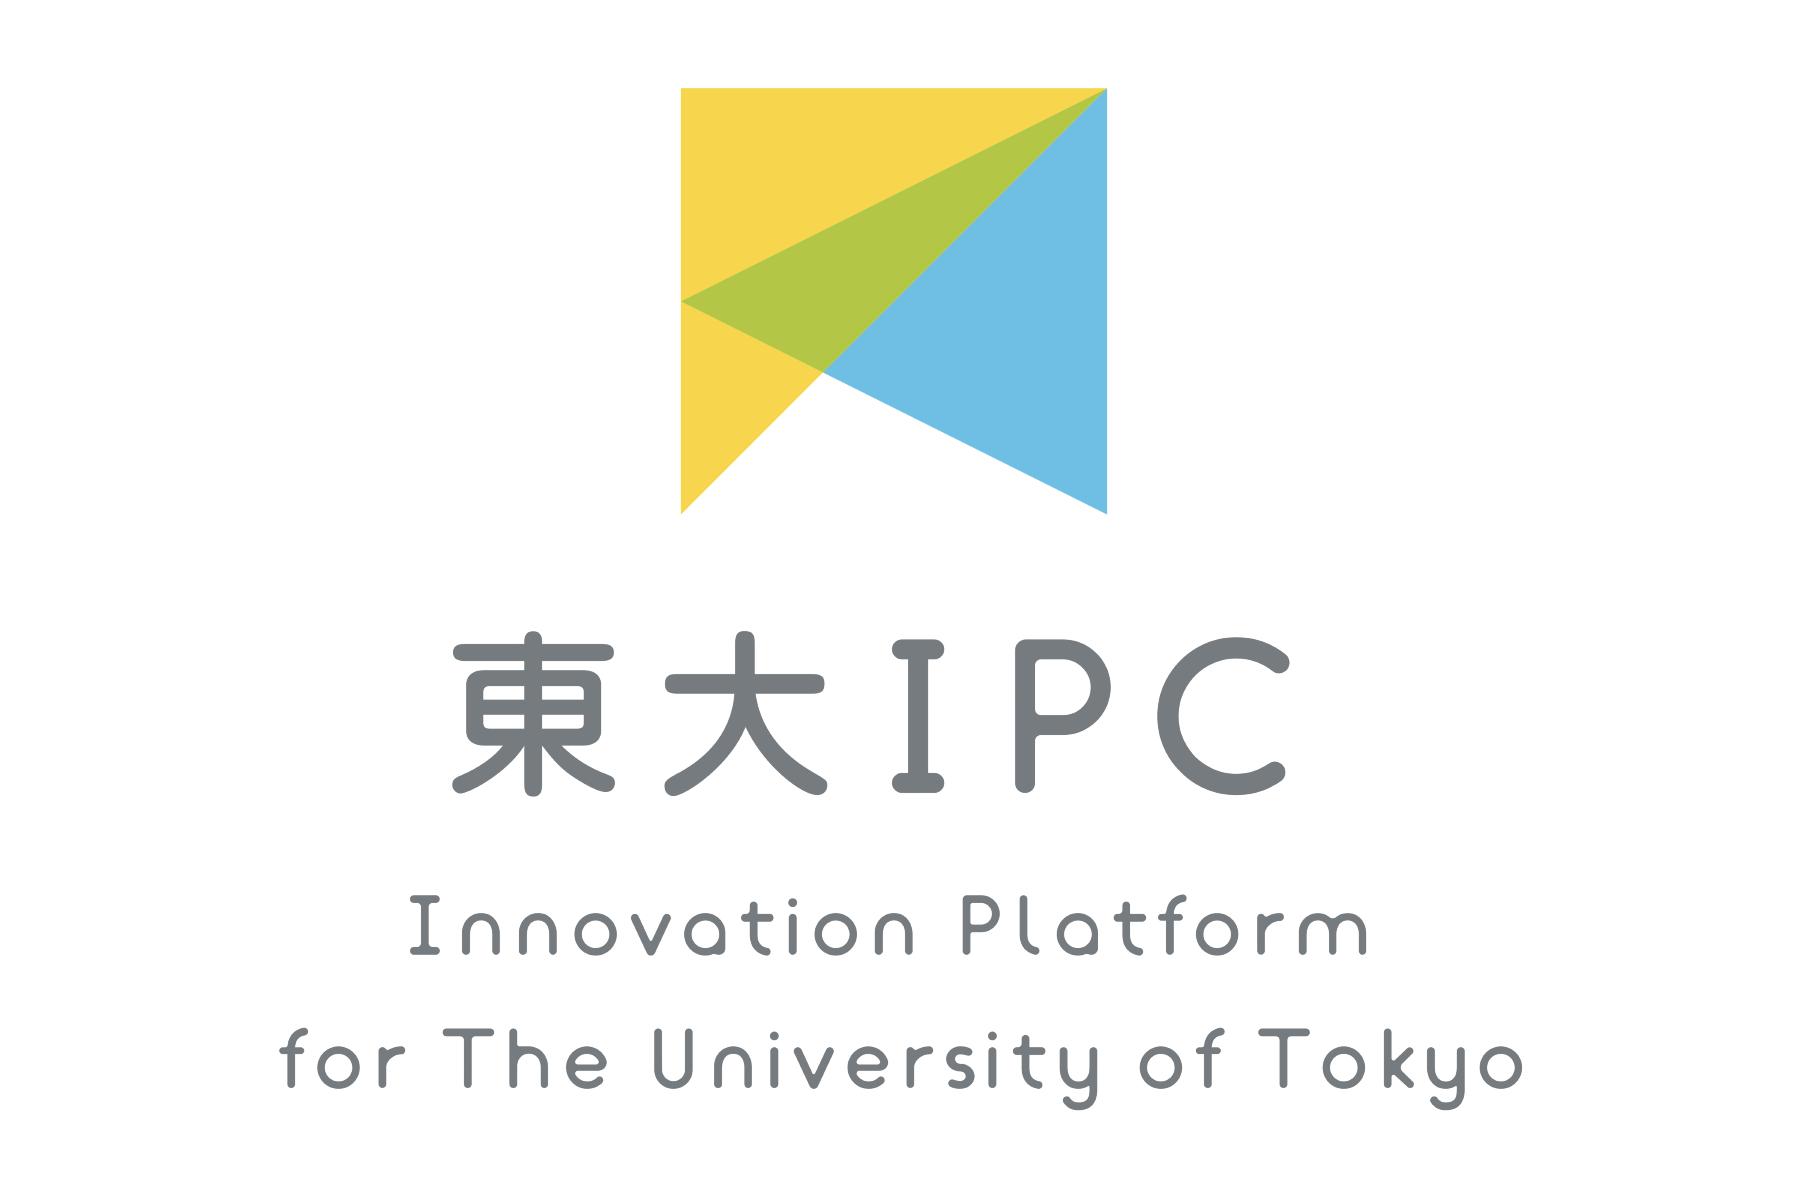 東大IPC、東京大学周辺でのオープンイノベーション活動の推進を目的にAOI1号ファンドを組成